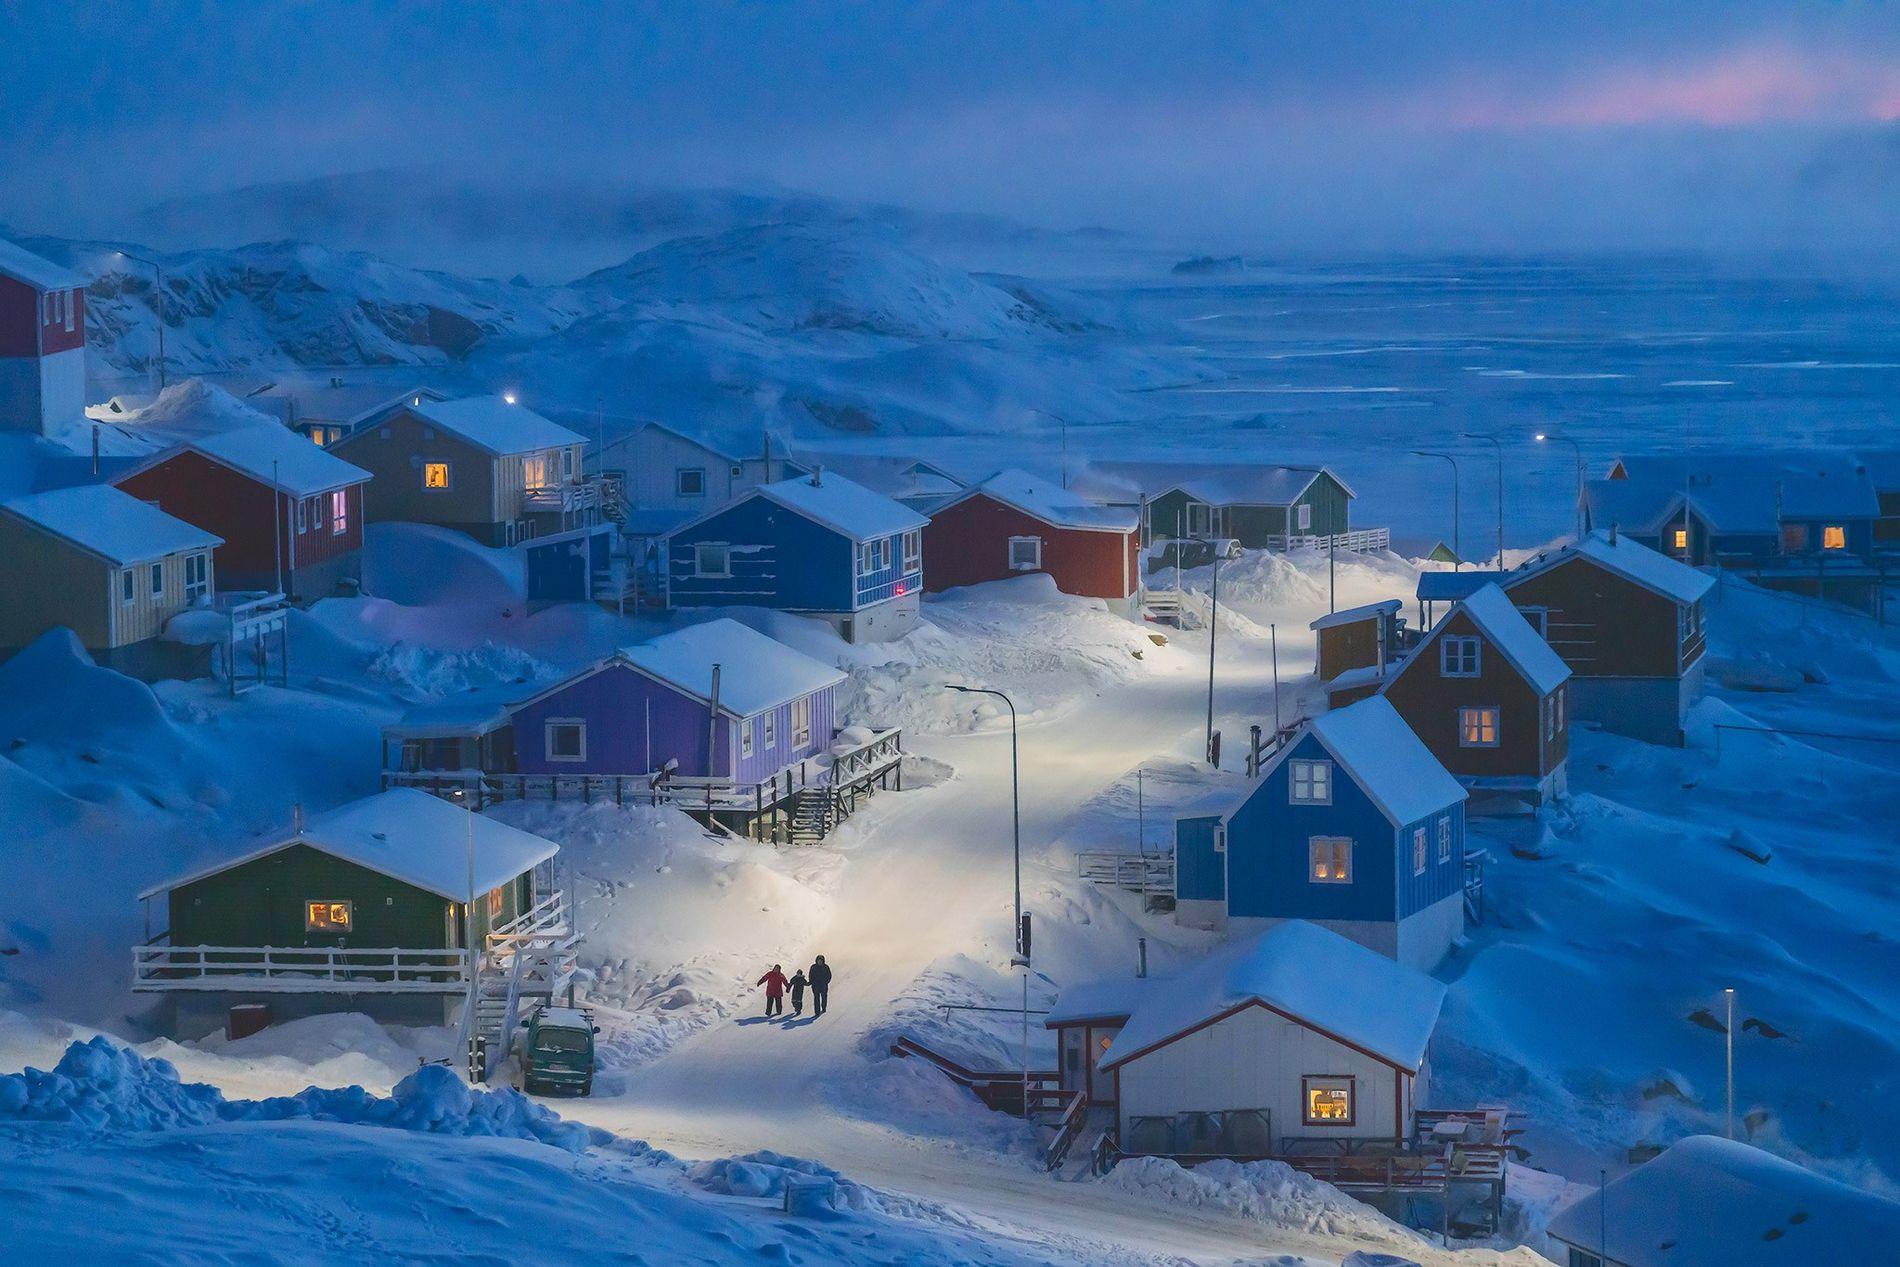 Upernavik é um vilarejo de pescadores em uma pequena ilha localizada na parte oeste da Groenlândia. Historicamente, as construções na Groenlândia eram pintadas de cores diferentes para indicar diferentes funções, de fachadas vermelhas de lojas a casas azuis de pescadores, uma maneira eficiente de dar destaque em meio à paisagem marcada pela neve. Essa imagem foi selecionada como a grande vencedora do Concurso de Fotografia de Viagem da National Geographic de 2019.